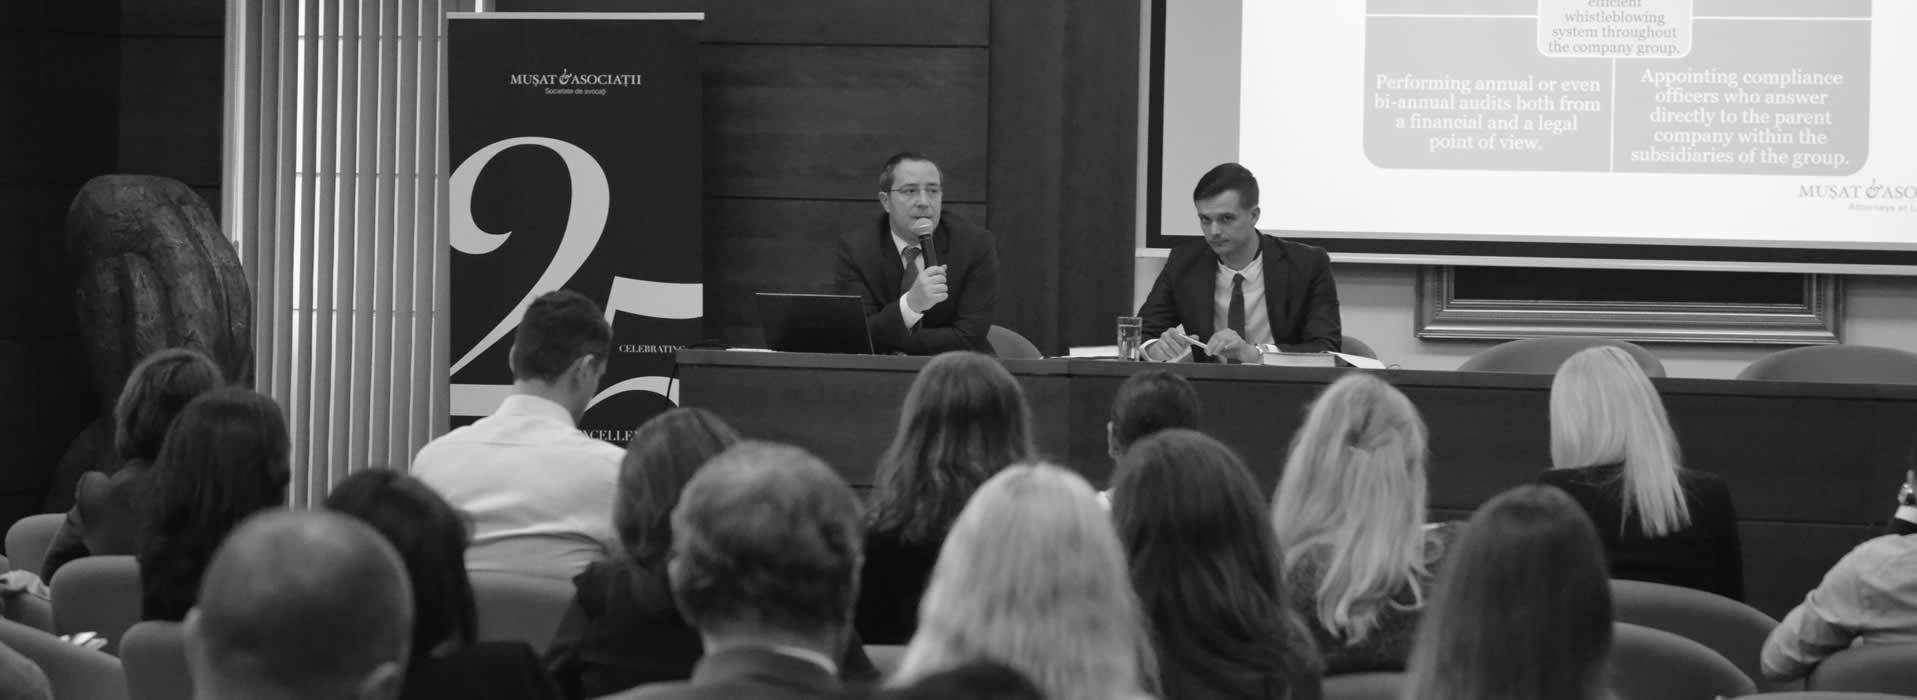 EthicsComplianceHub :: Bucharest, 2017